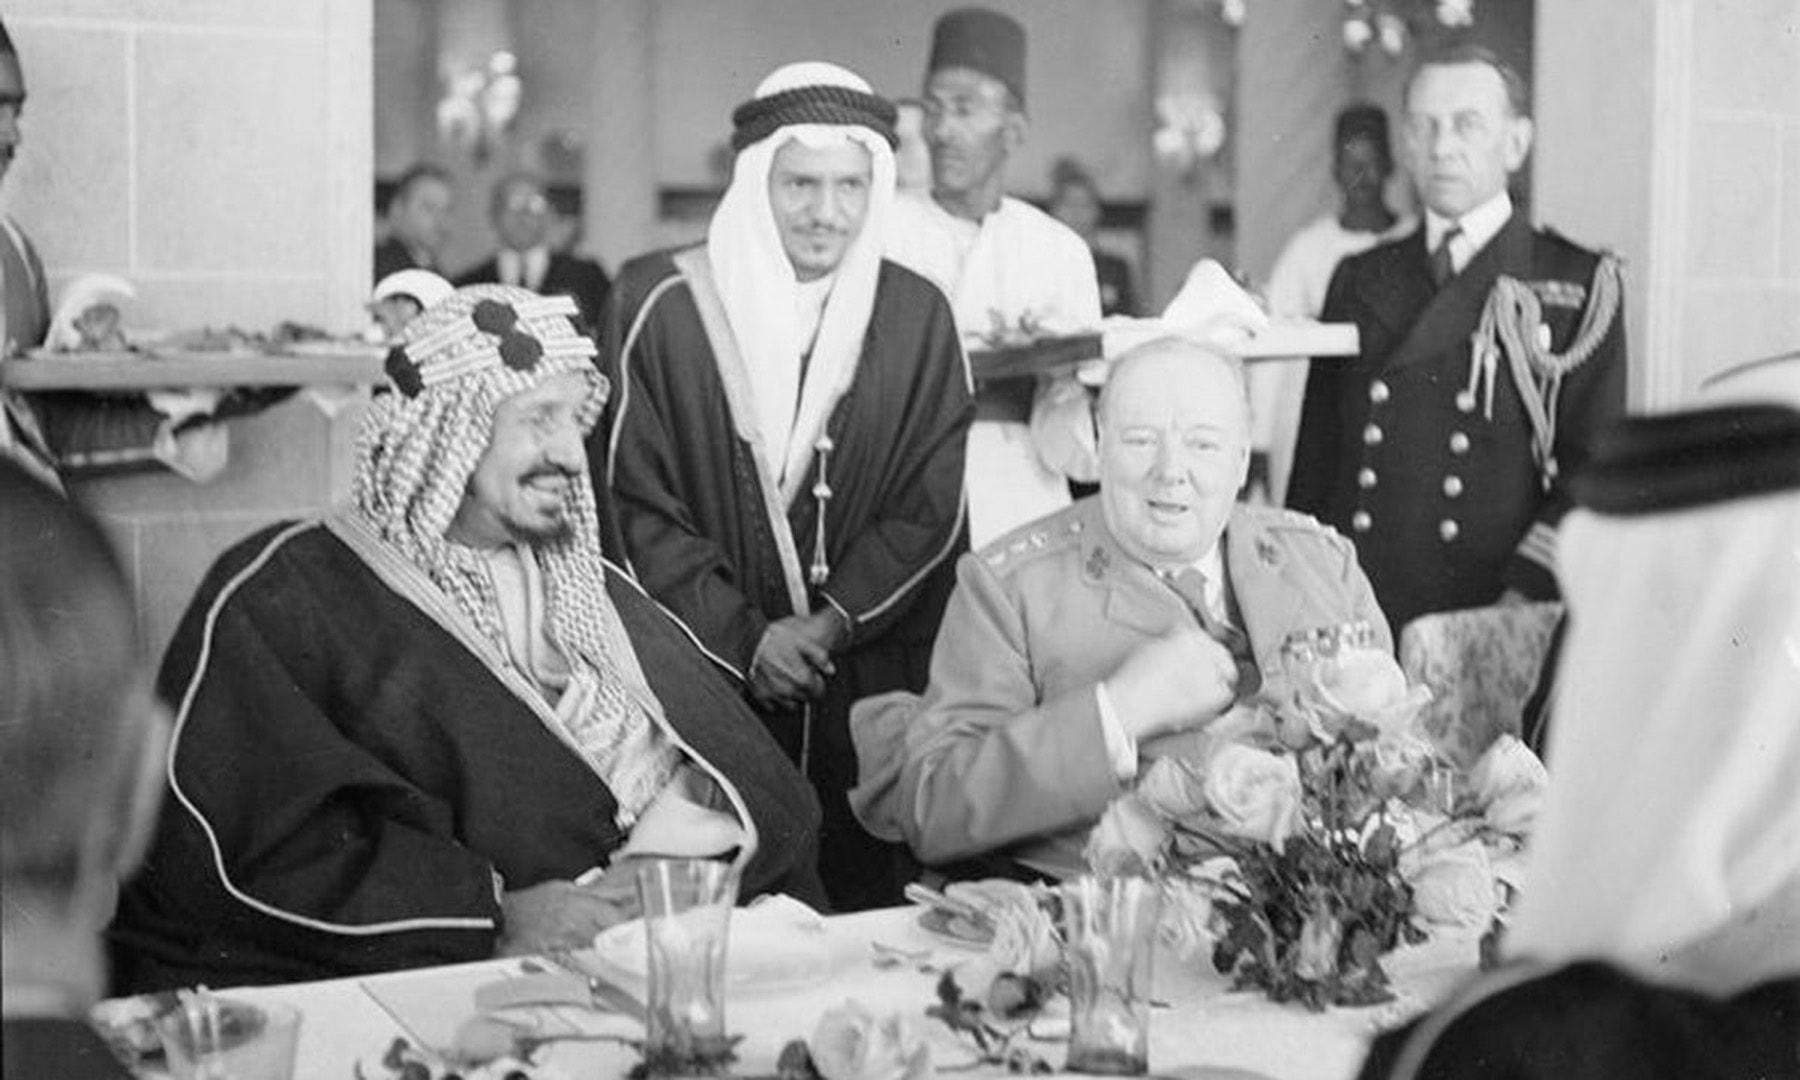 ونسٹن چرچل شاہ سعودی عرب عبدالعزیز ابن سعود کے ہمراہ